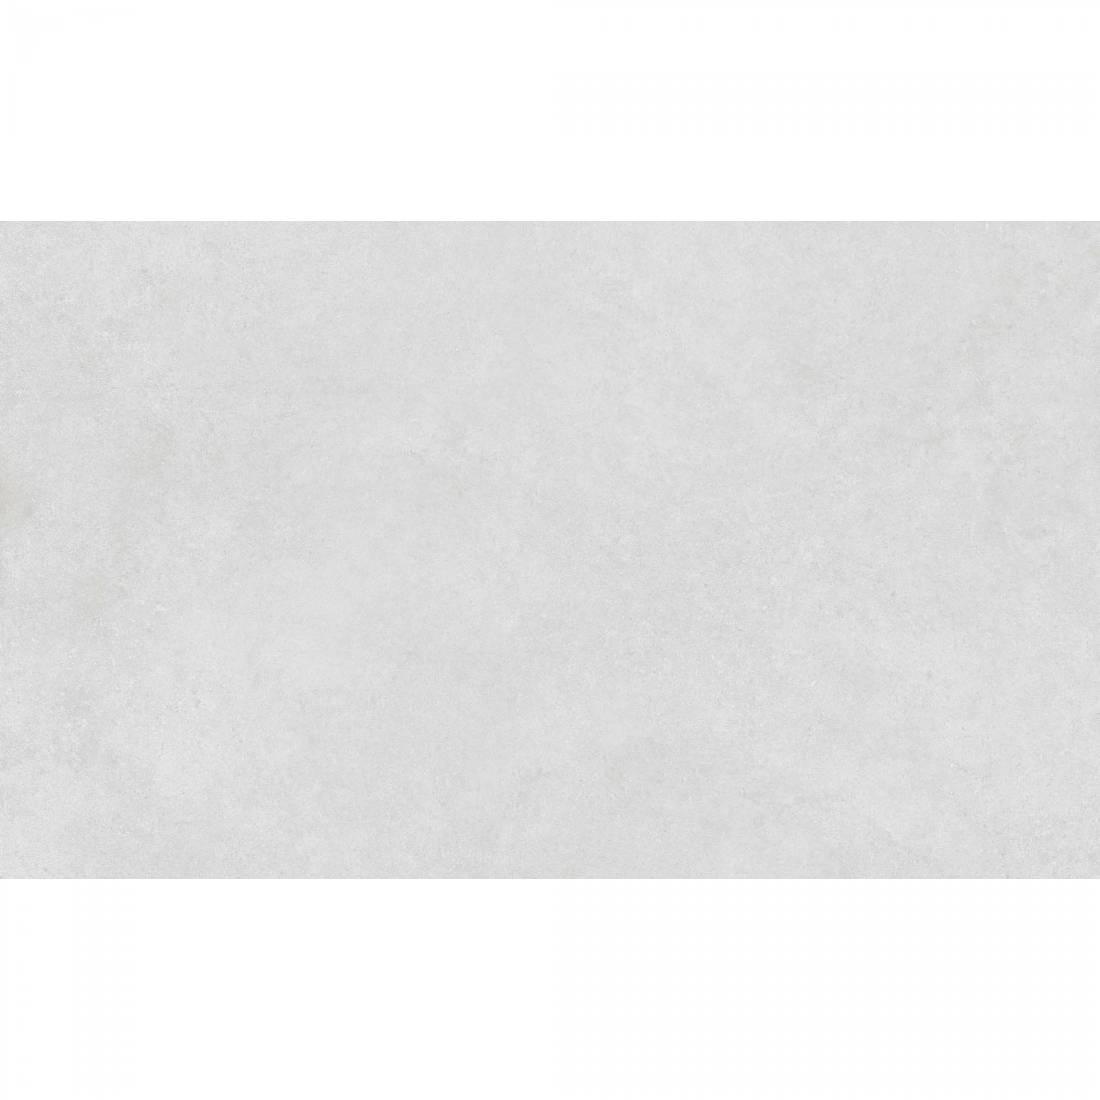 Belgravia 33.3x55 Perla Matt 1